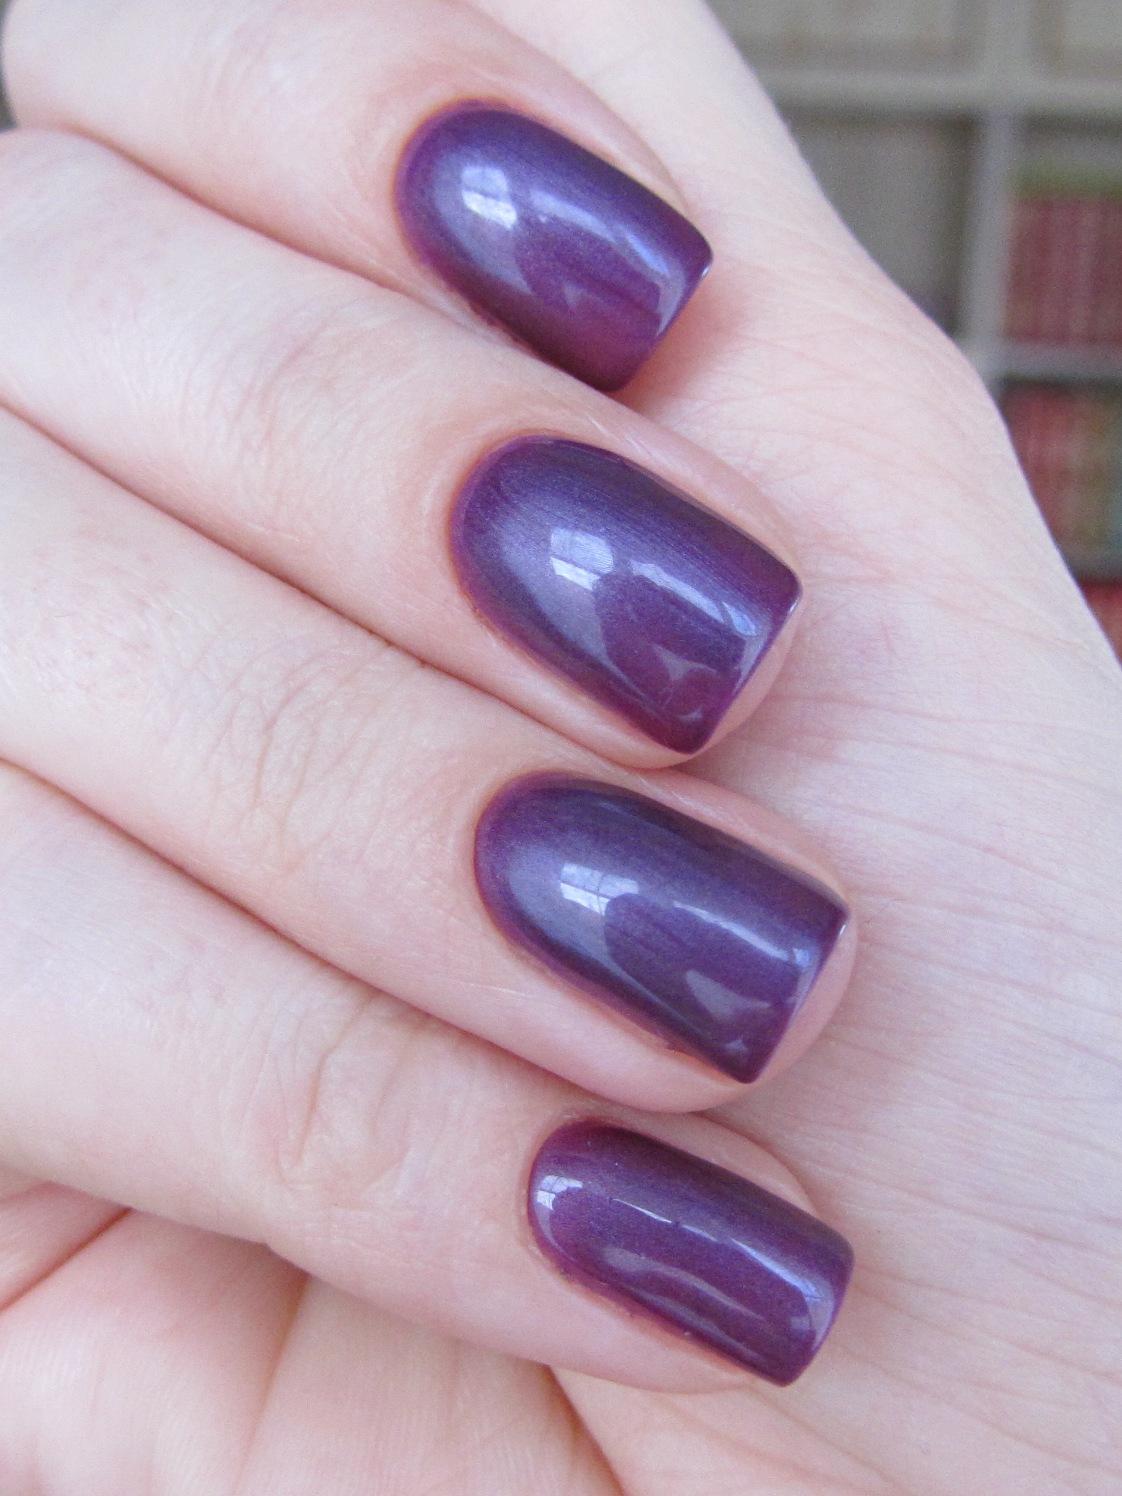 Purple Gel Za Nokte 34 Fotografije Dizajn Manikira Za Nokte Ideje S Ruzicastim I Ljubicastim Nijansama Dekor S Kamencicima